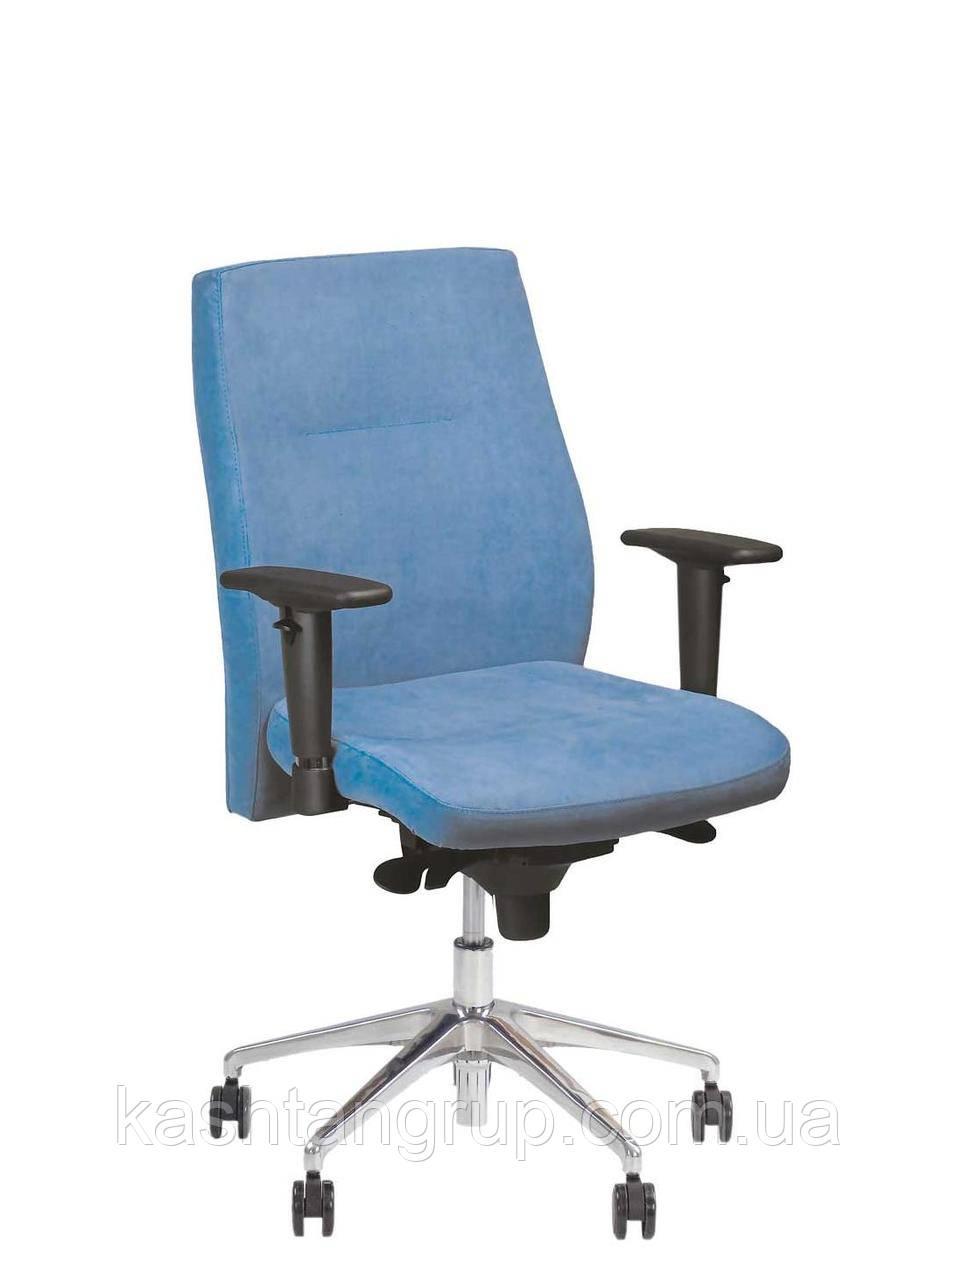 Кресло ORLANDO R UP ES AL32